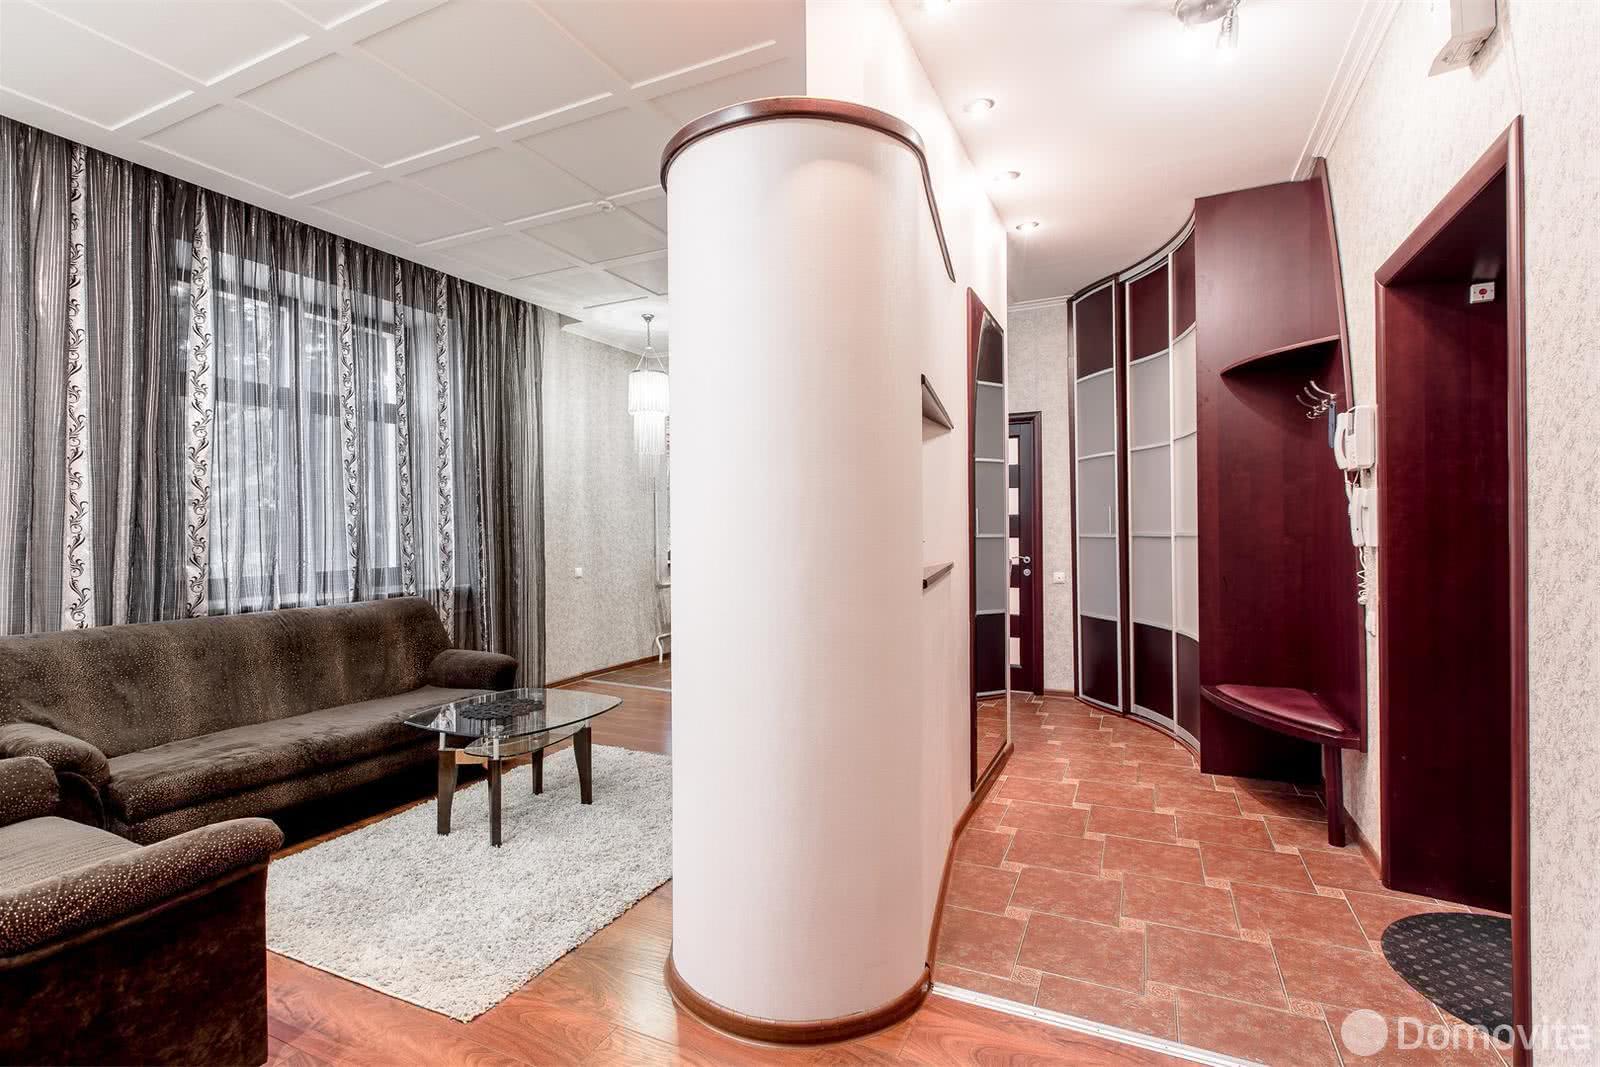 Аренда 2-комнатной квартиры на сутки в Минске ул. Свердлова, д. 19 - фото 5